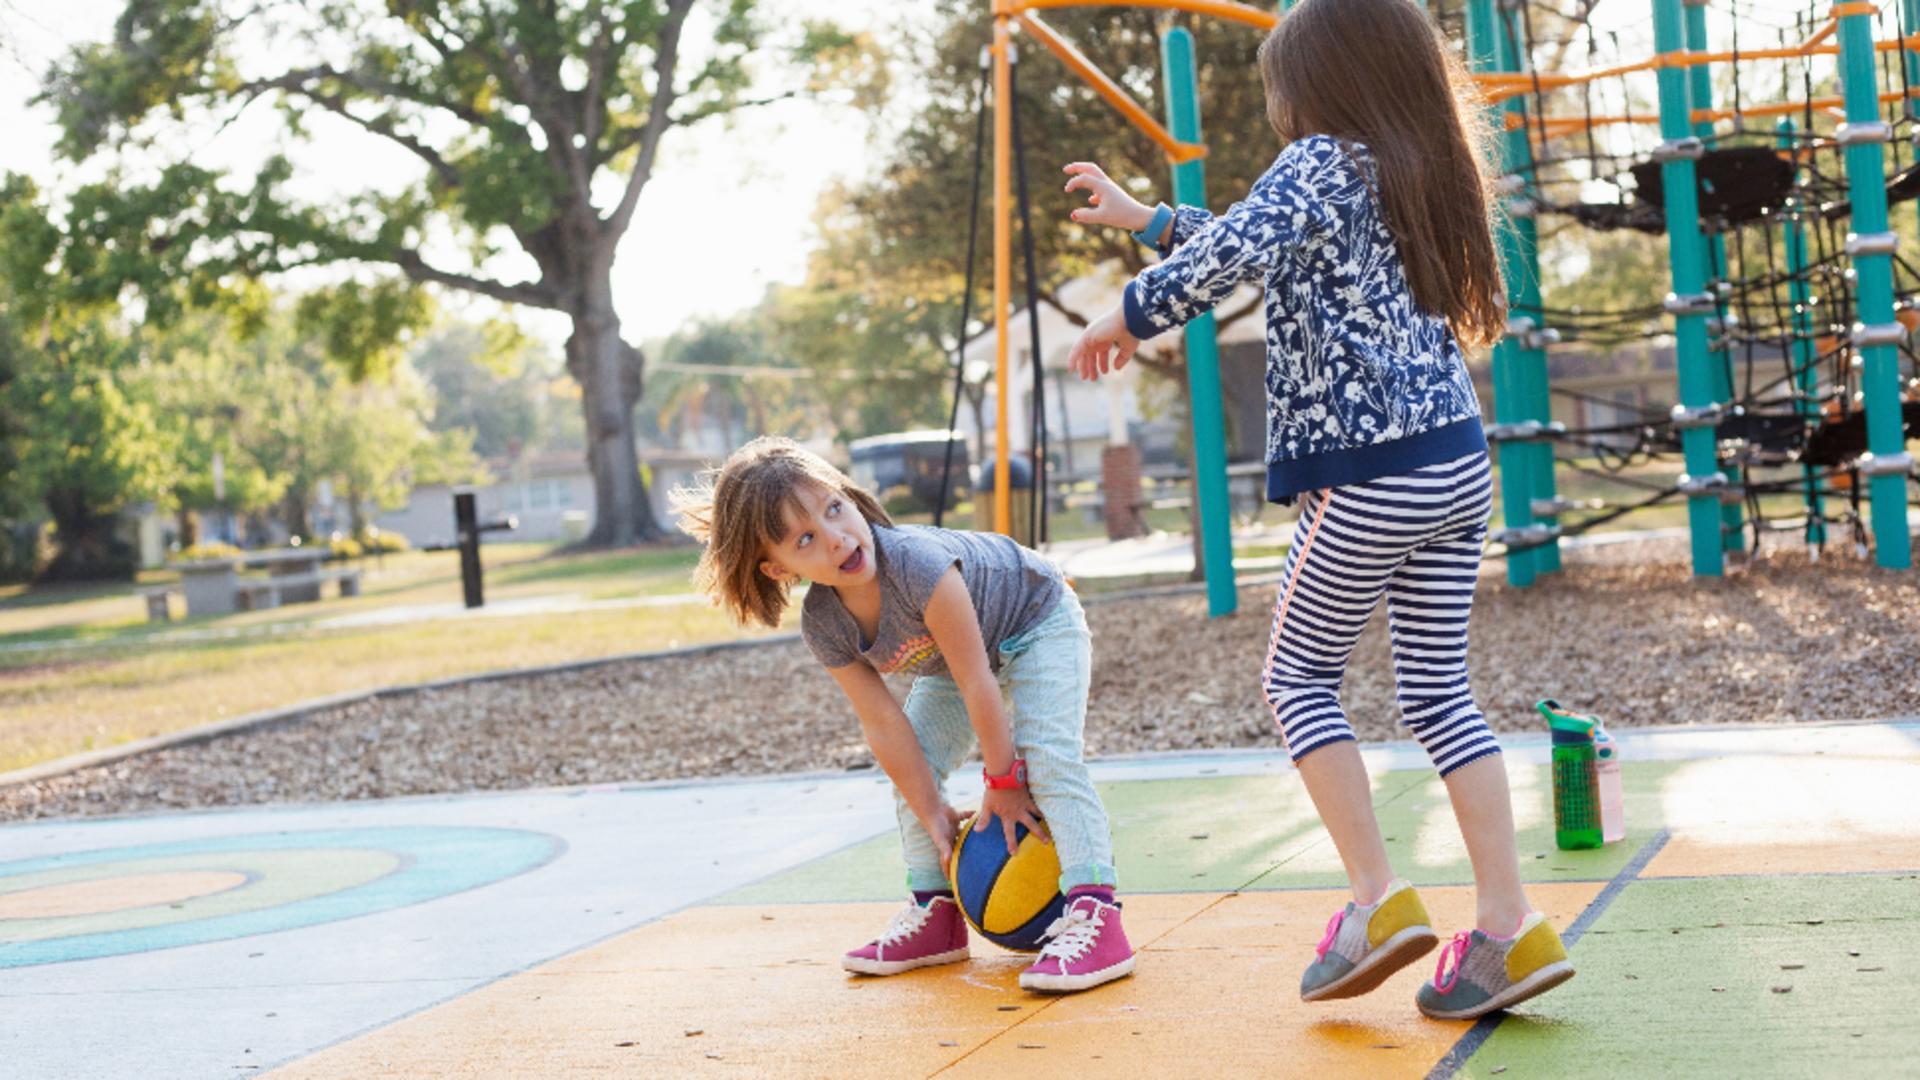 Un copil în vârstă de şapte ani s-a electrocutat în timp ce se afla într-un parc de joacă. Foto/Profimedia